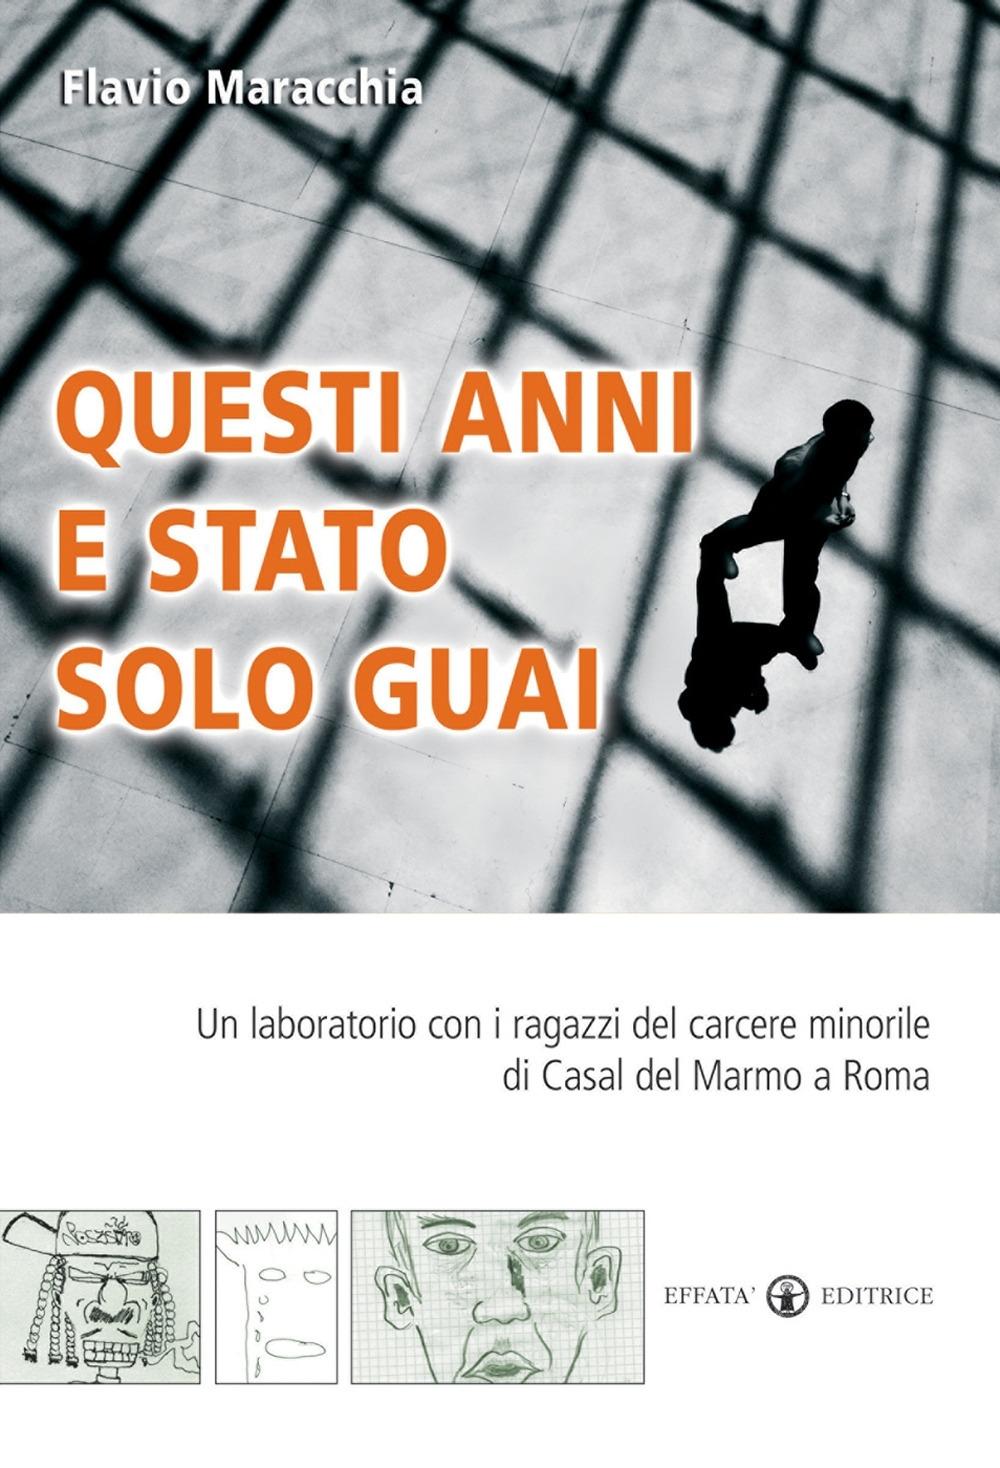 Questi anni e stato solo guai. Un laboratorio con i ragazzi del carcere minorile di Casal del Marmo a Roma